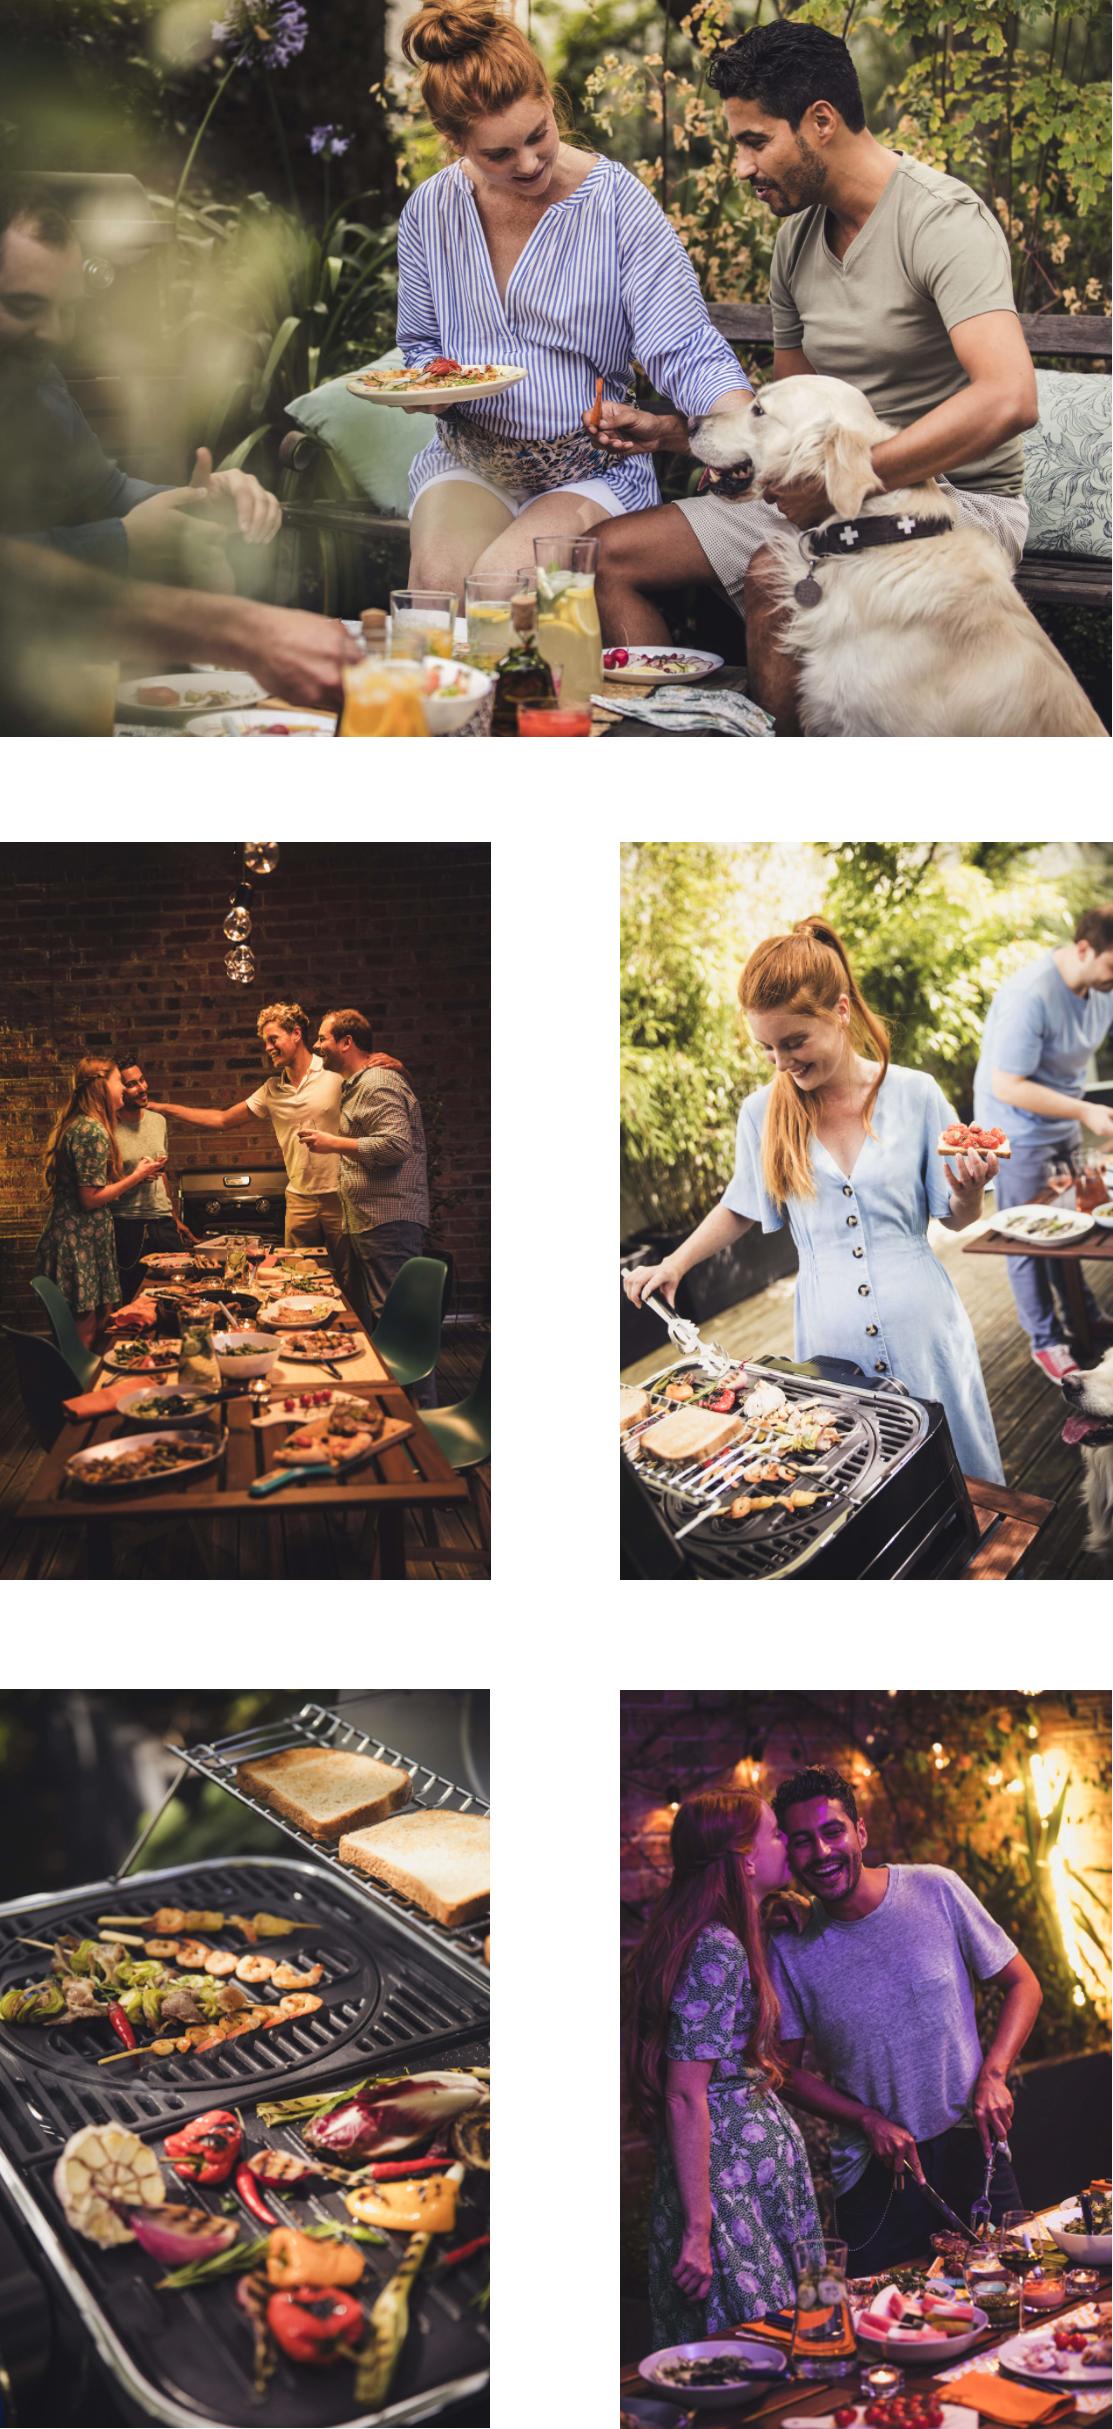 stylisme culinaire et création de recettes campagne pub camping gaz